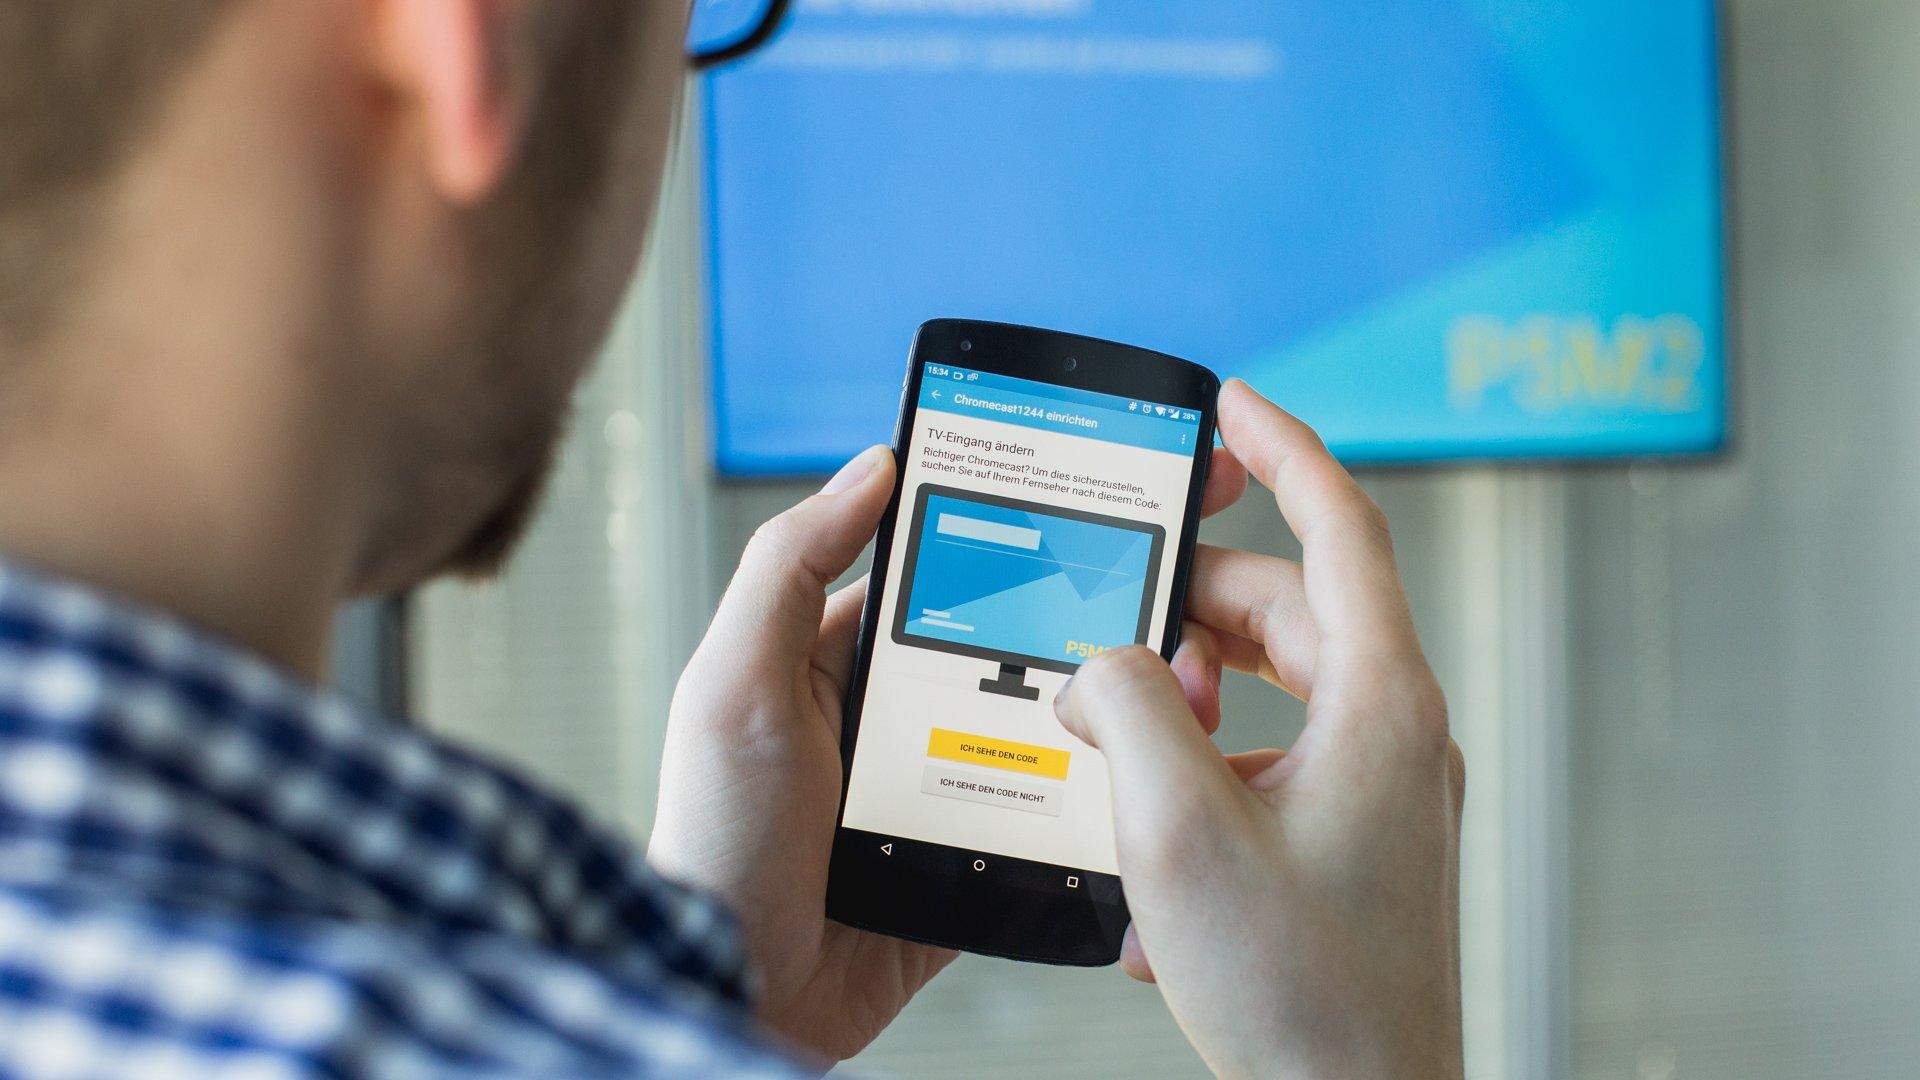 Como transmitir a tela do celular na TV usando o Chromecast - TecMundo